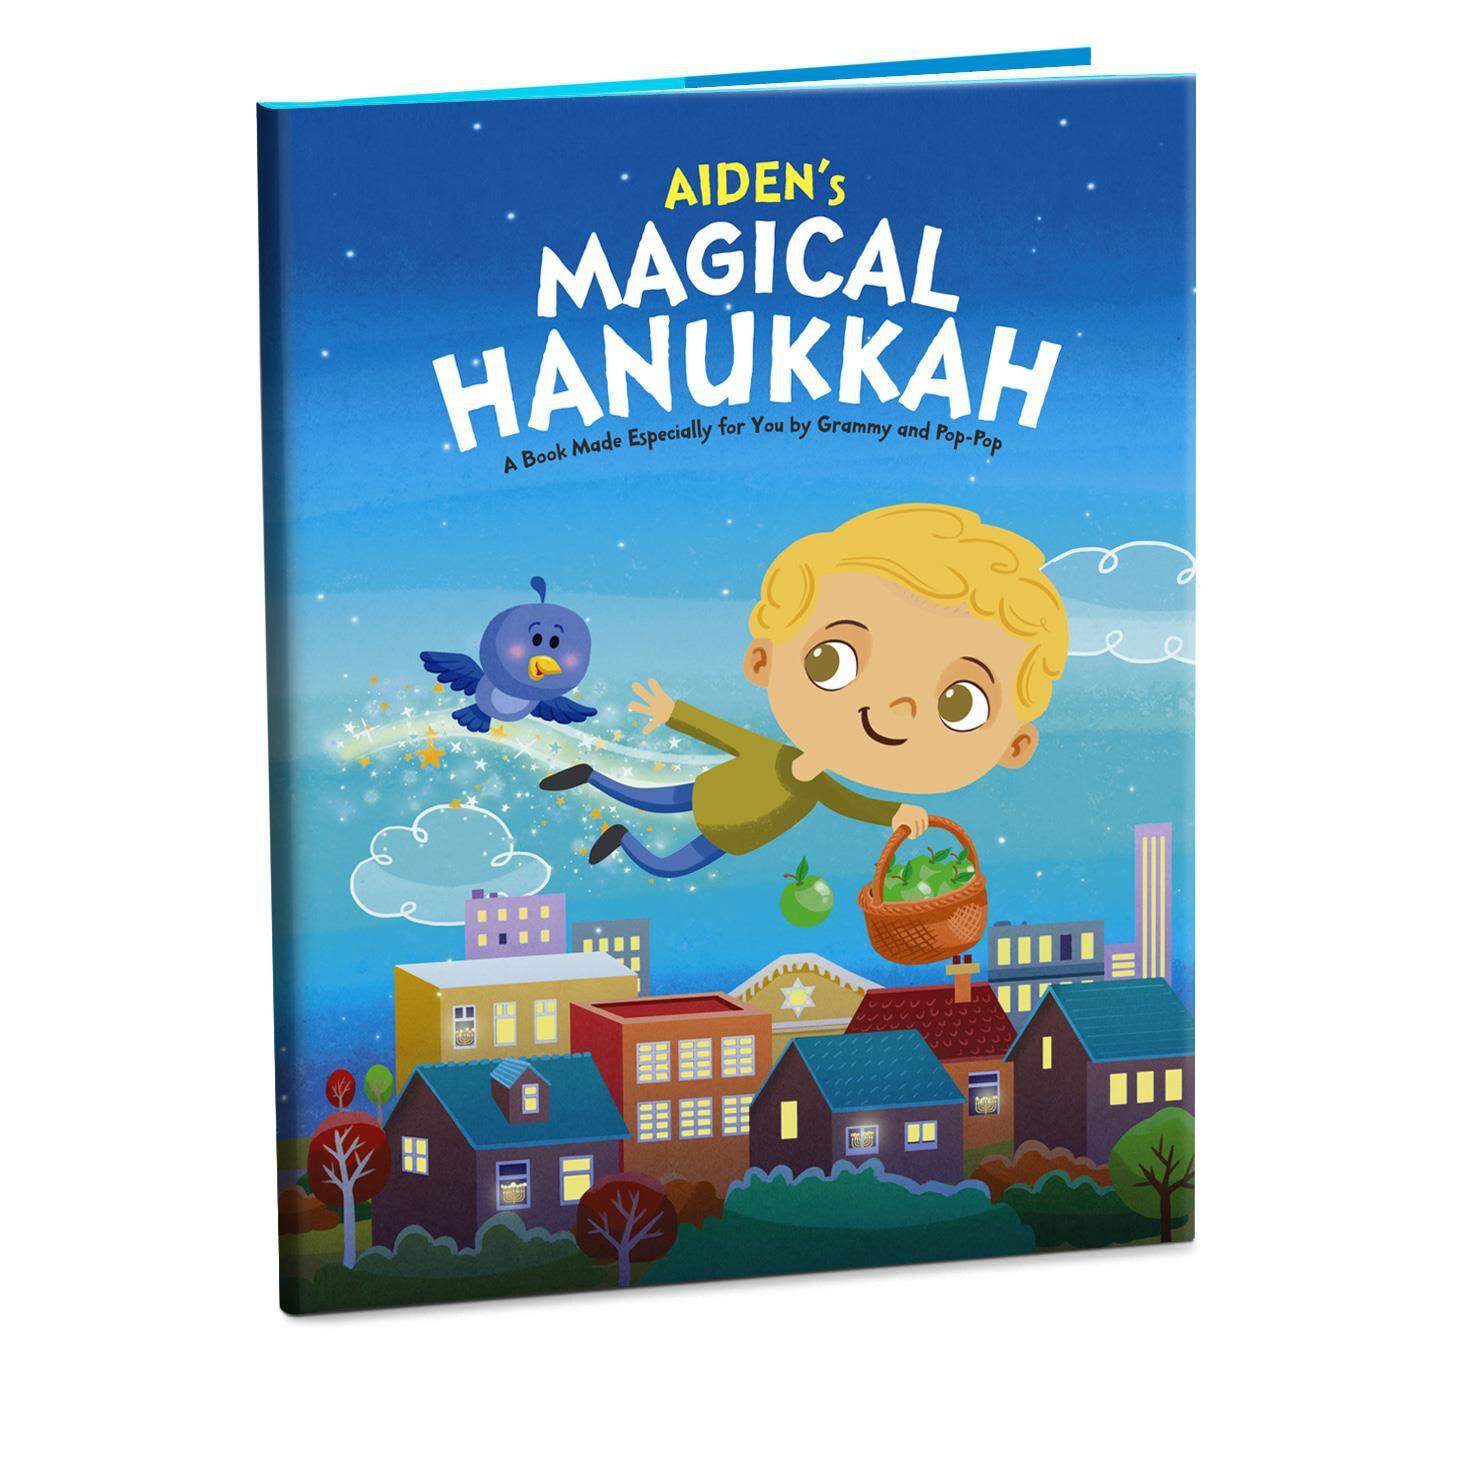 Hanukkah Personalized Book